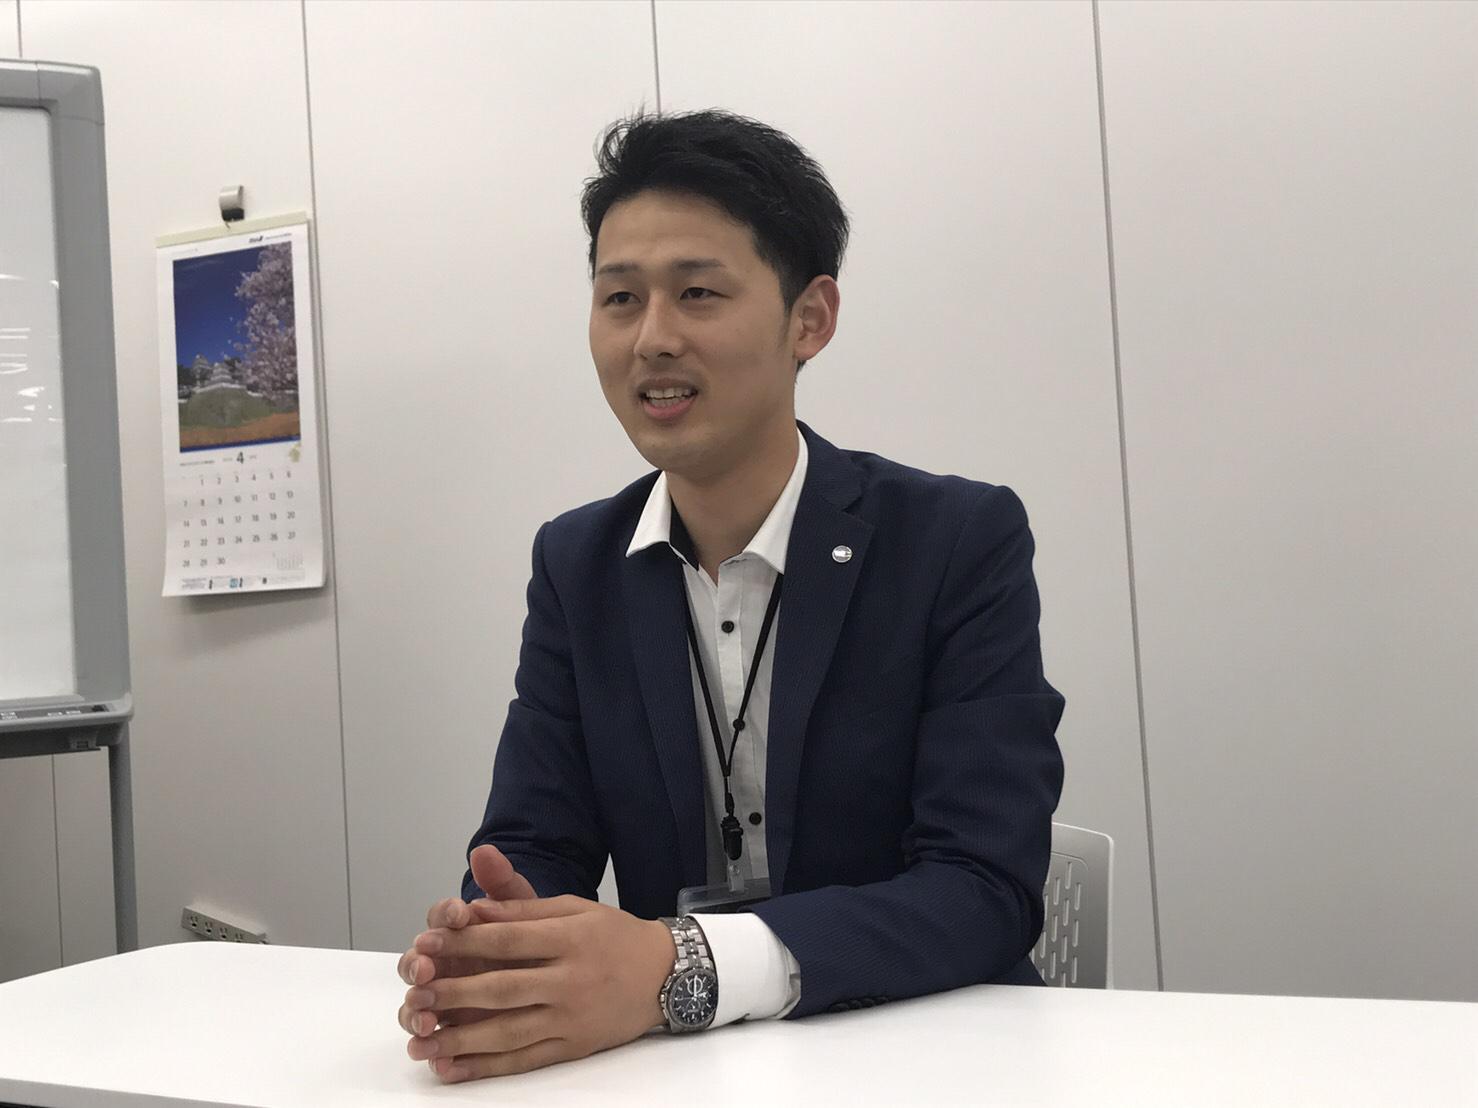 航空業界の採用担当者インタビューシリーズ!~ワールドエンタプライズ株式会社編~